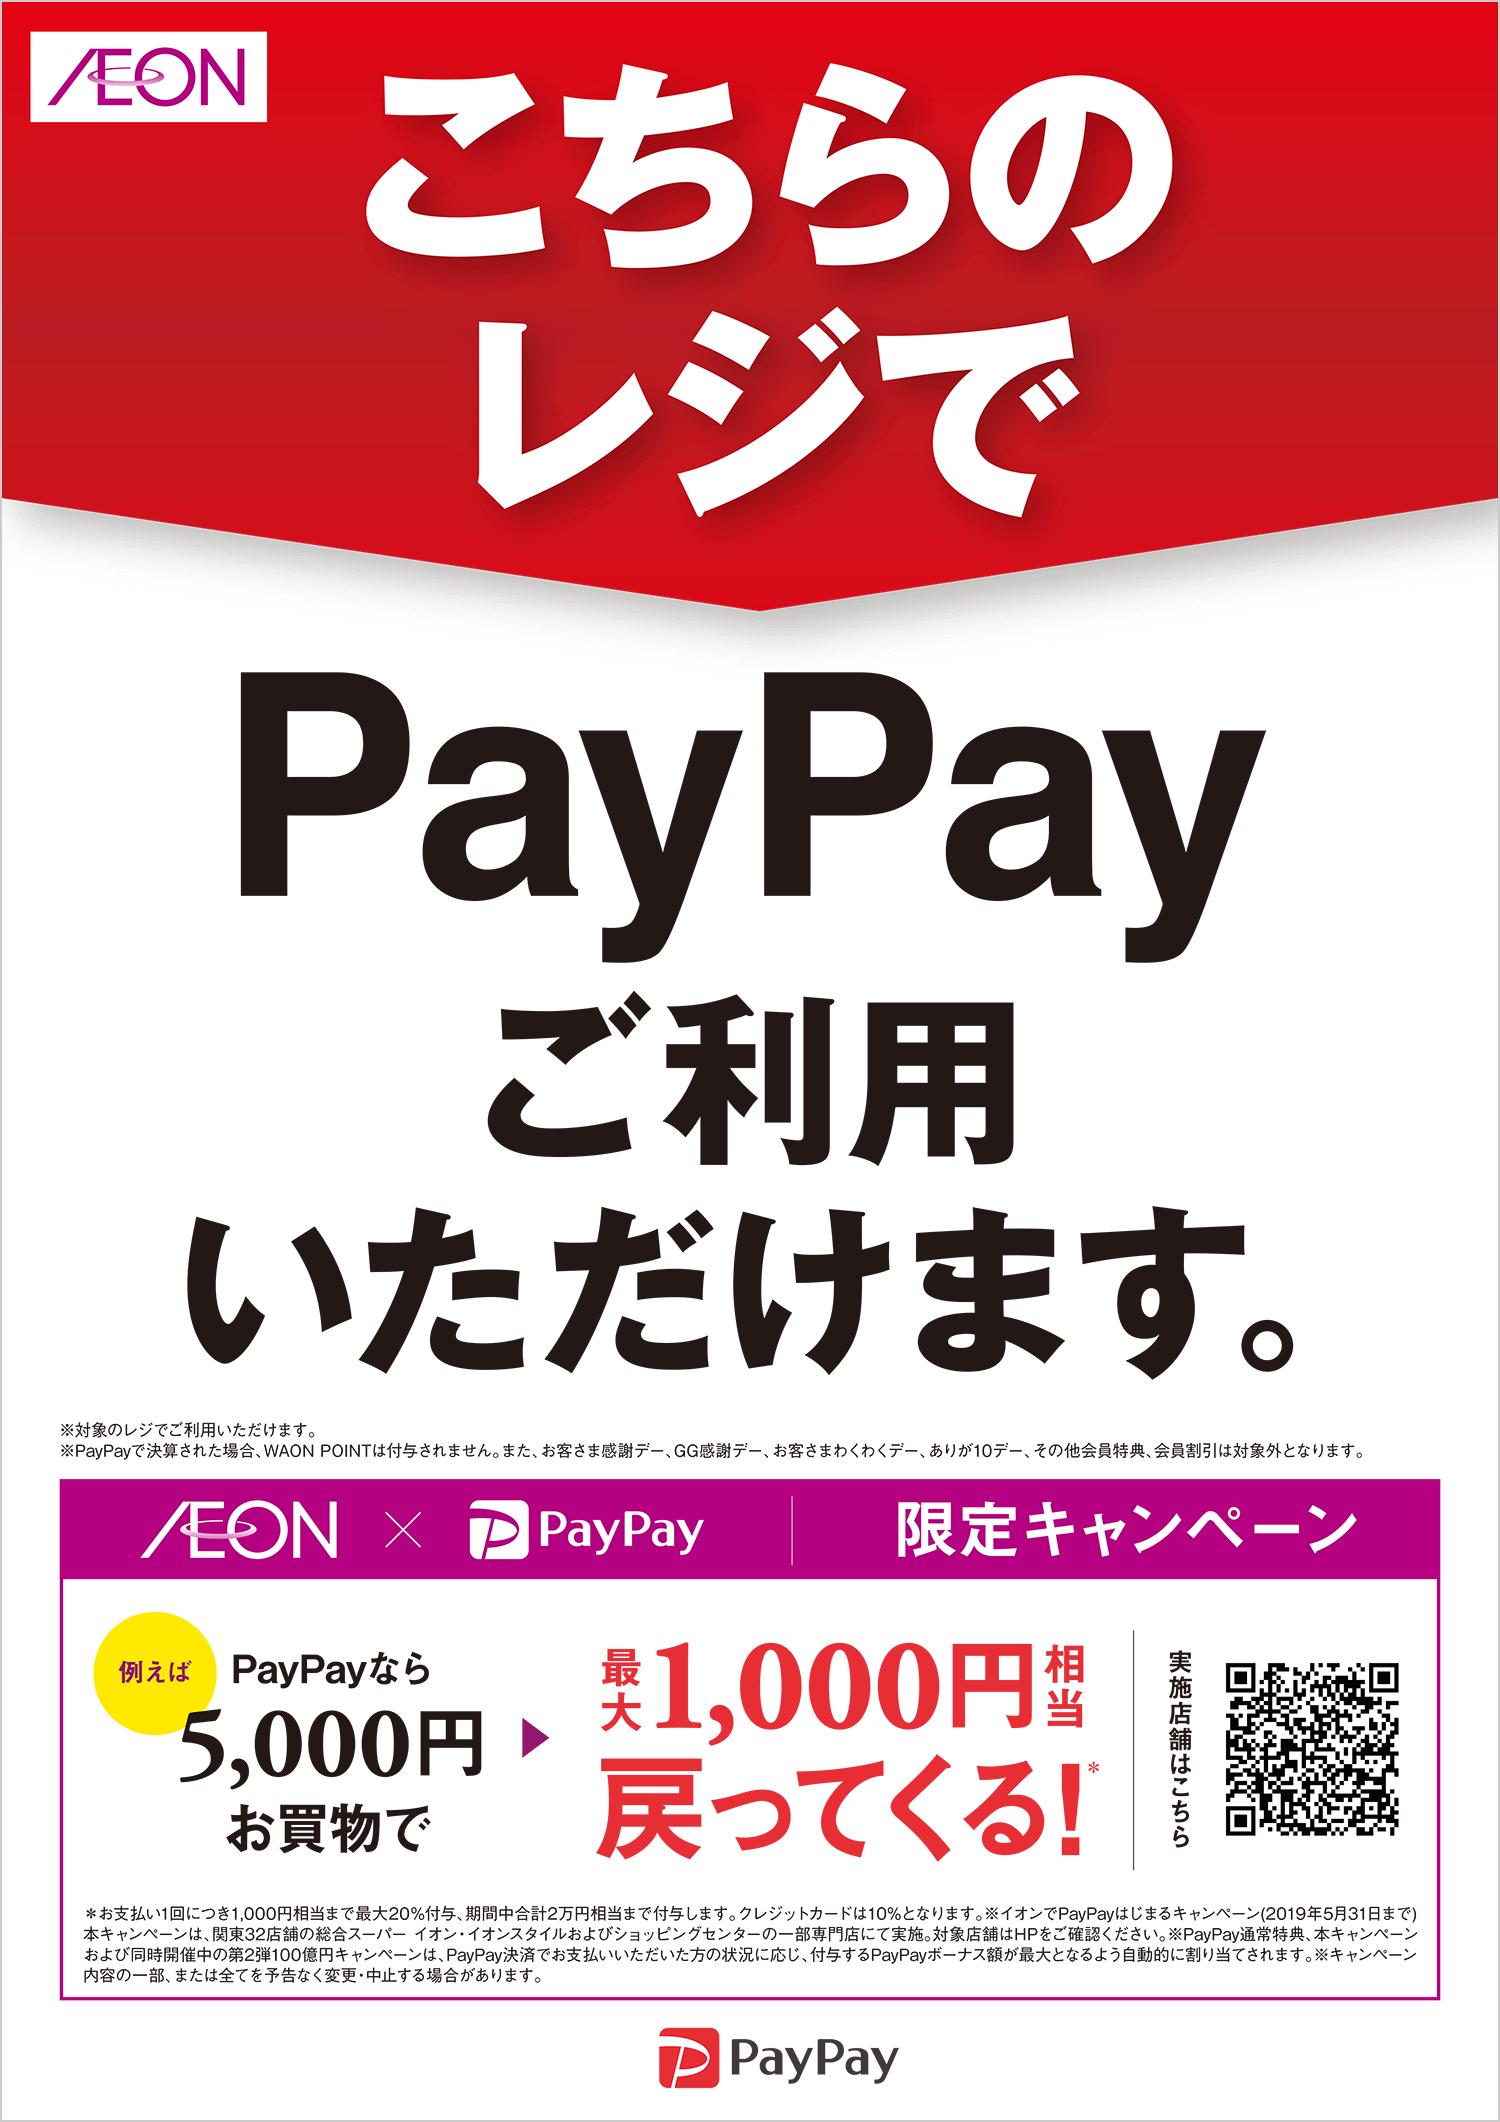 端末 の お知らせ から 異なる の アクセス アカウント の Paypay